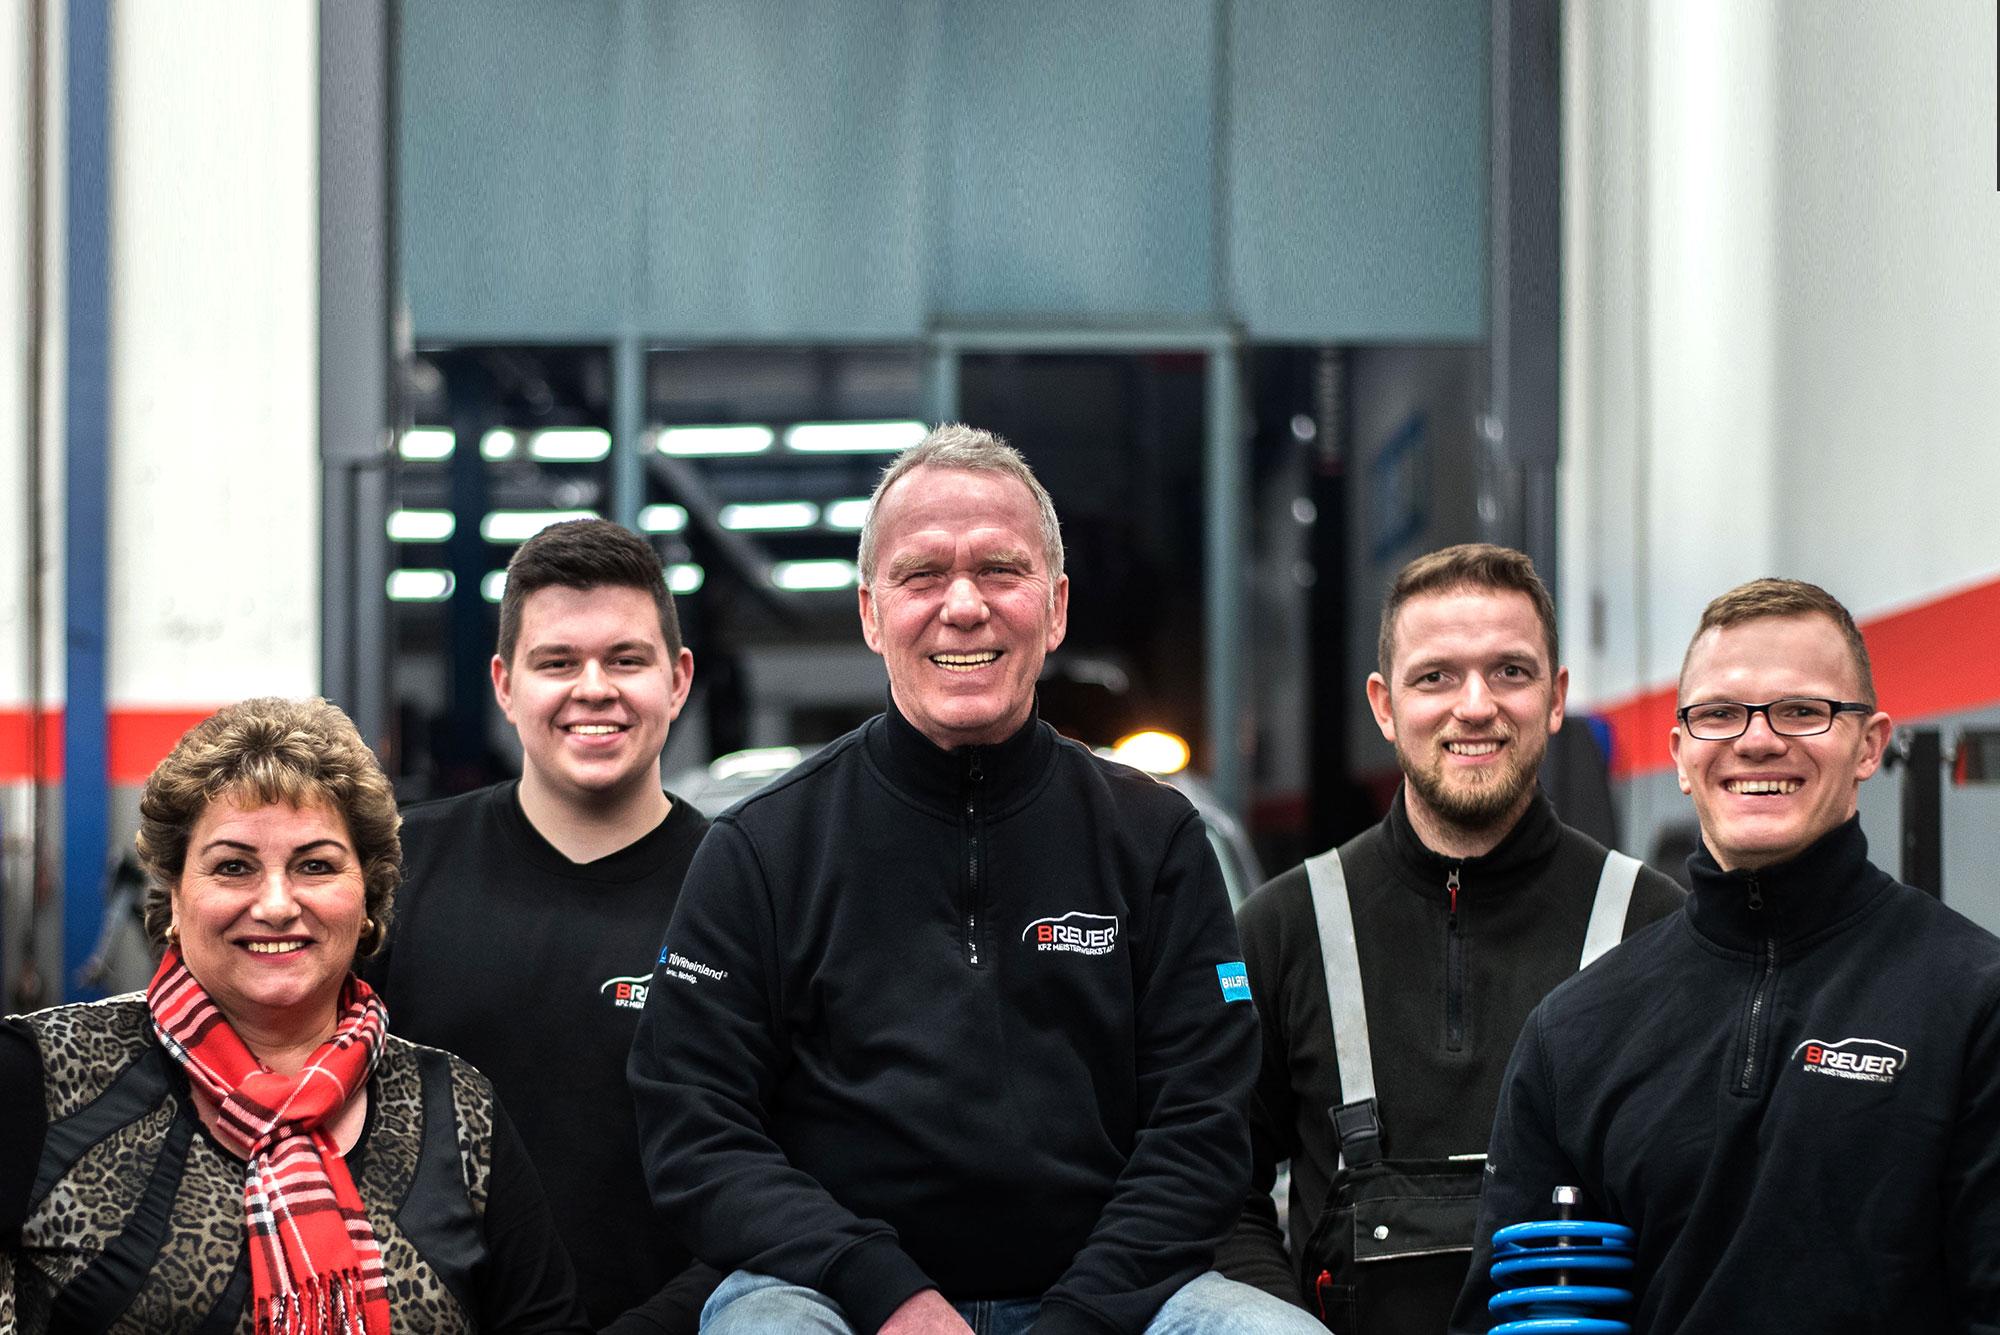 Mitarbeiter der Kfz Werkstatt Breuer